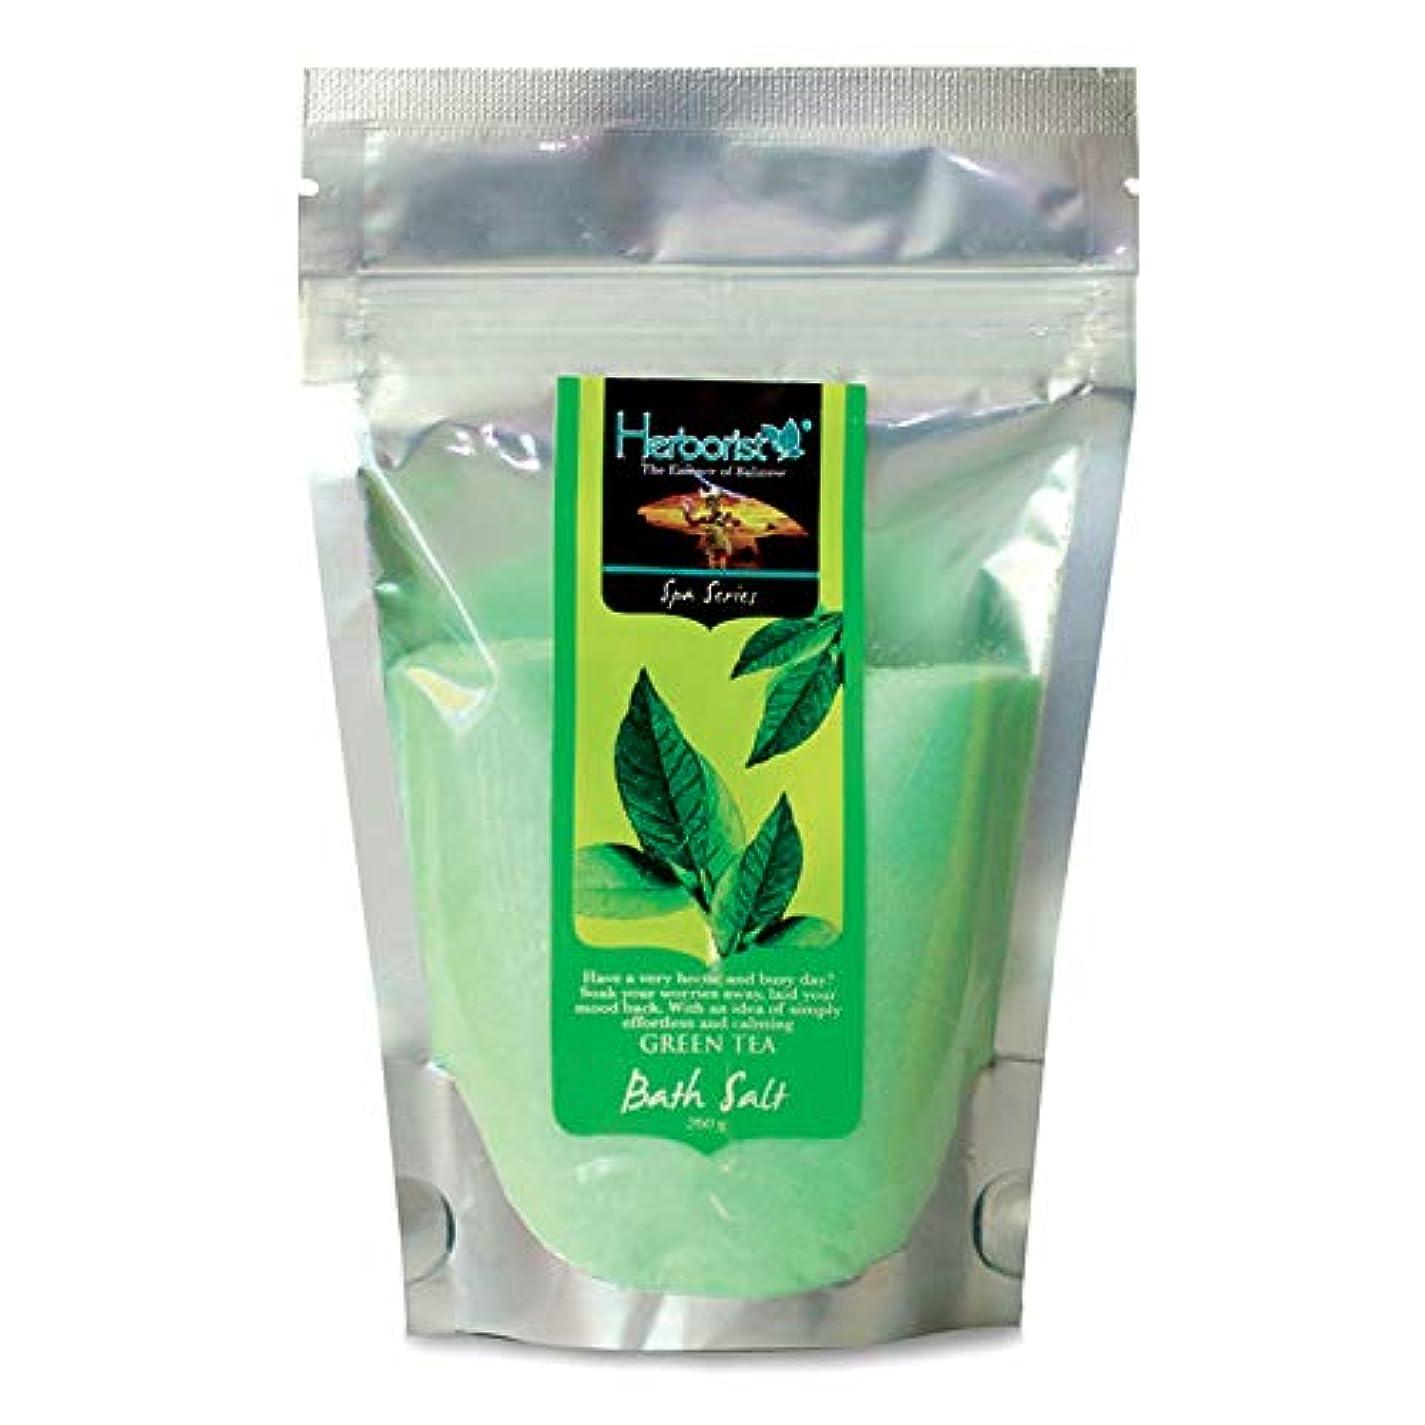 つま先降雨宗教的なHerborist ハーボリスト Bath Salt バスソルト バリ島の香り漂う入浴剤 250g Green Tea グリーンティー [海外直送品]